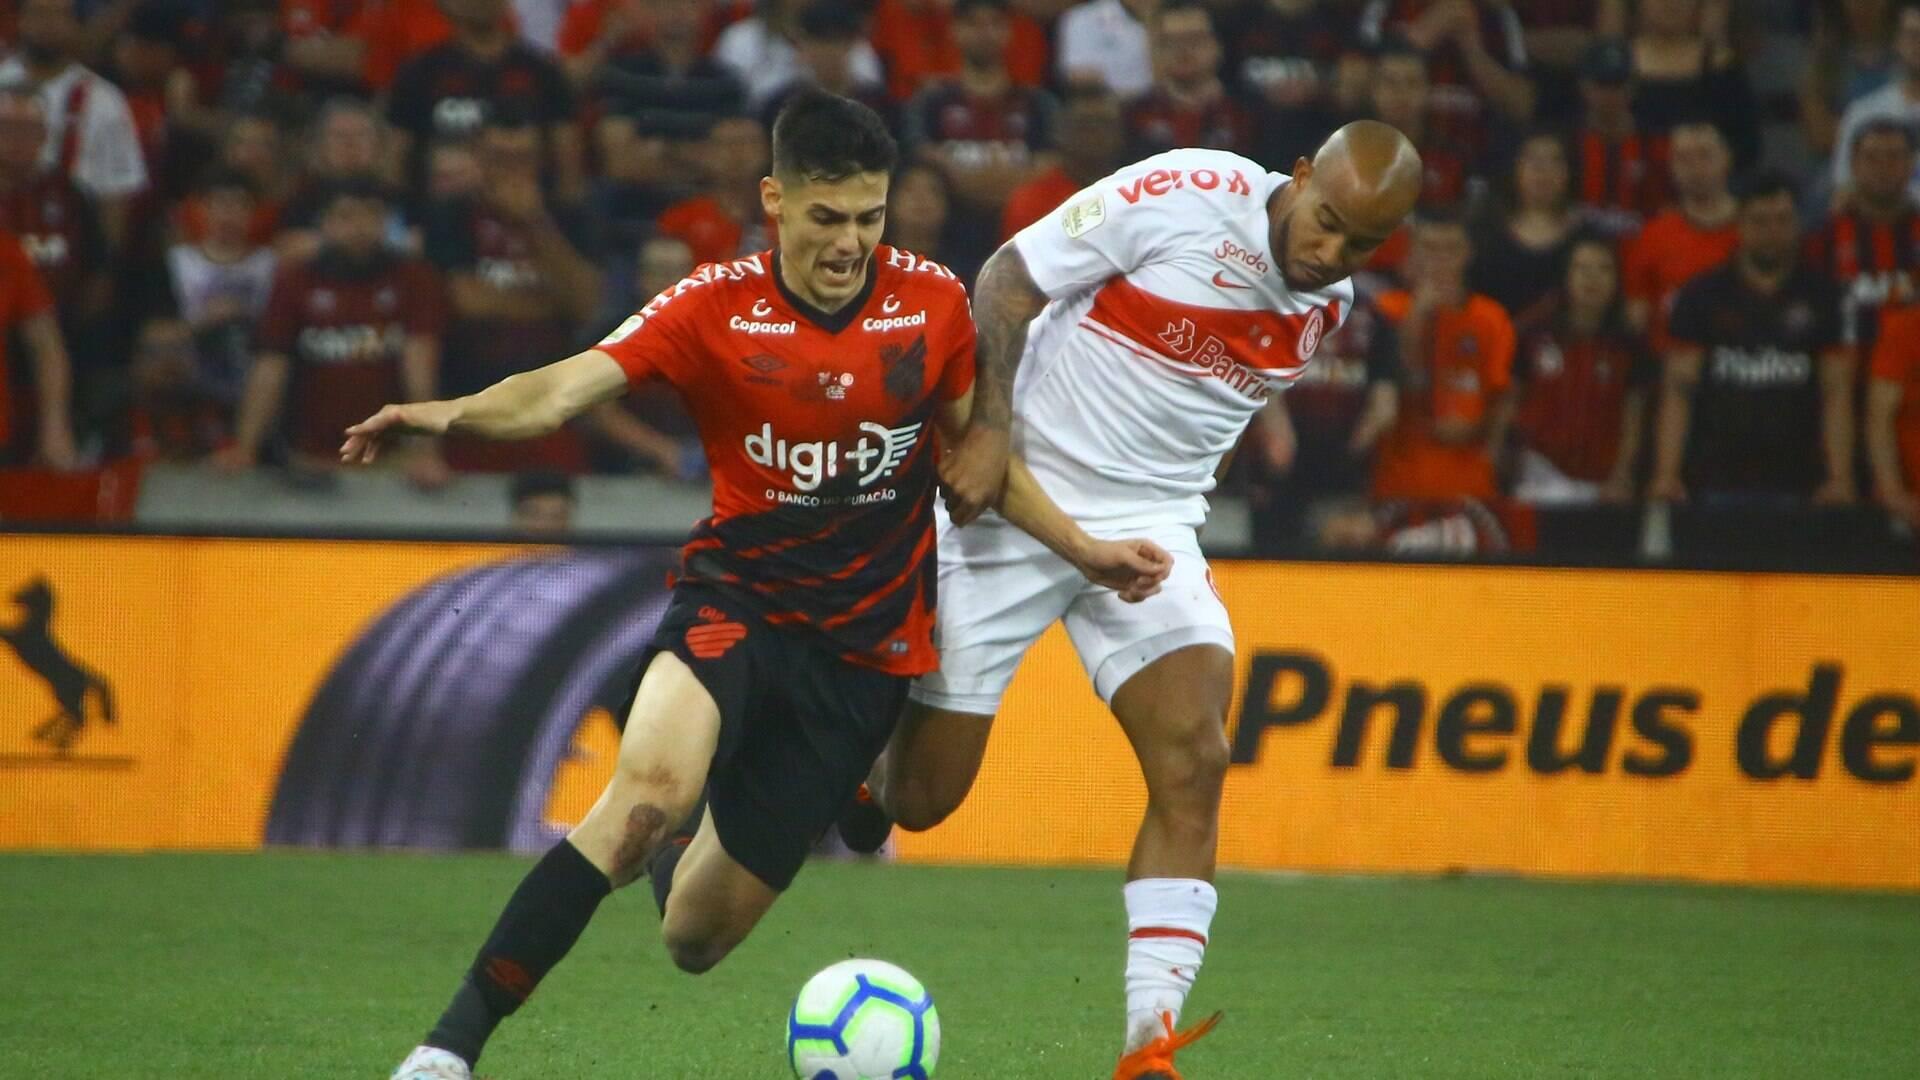 Apos Chopp Comprado Inter E Athletico Decidem A Copa Do Brasil Futebol Ig